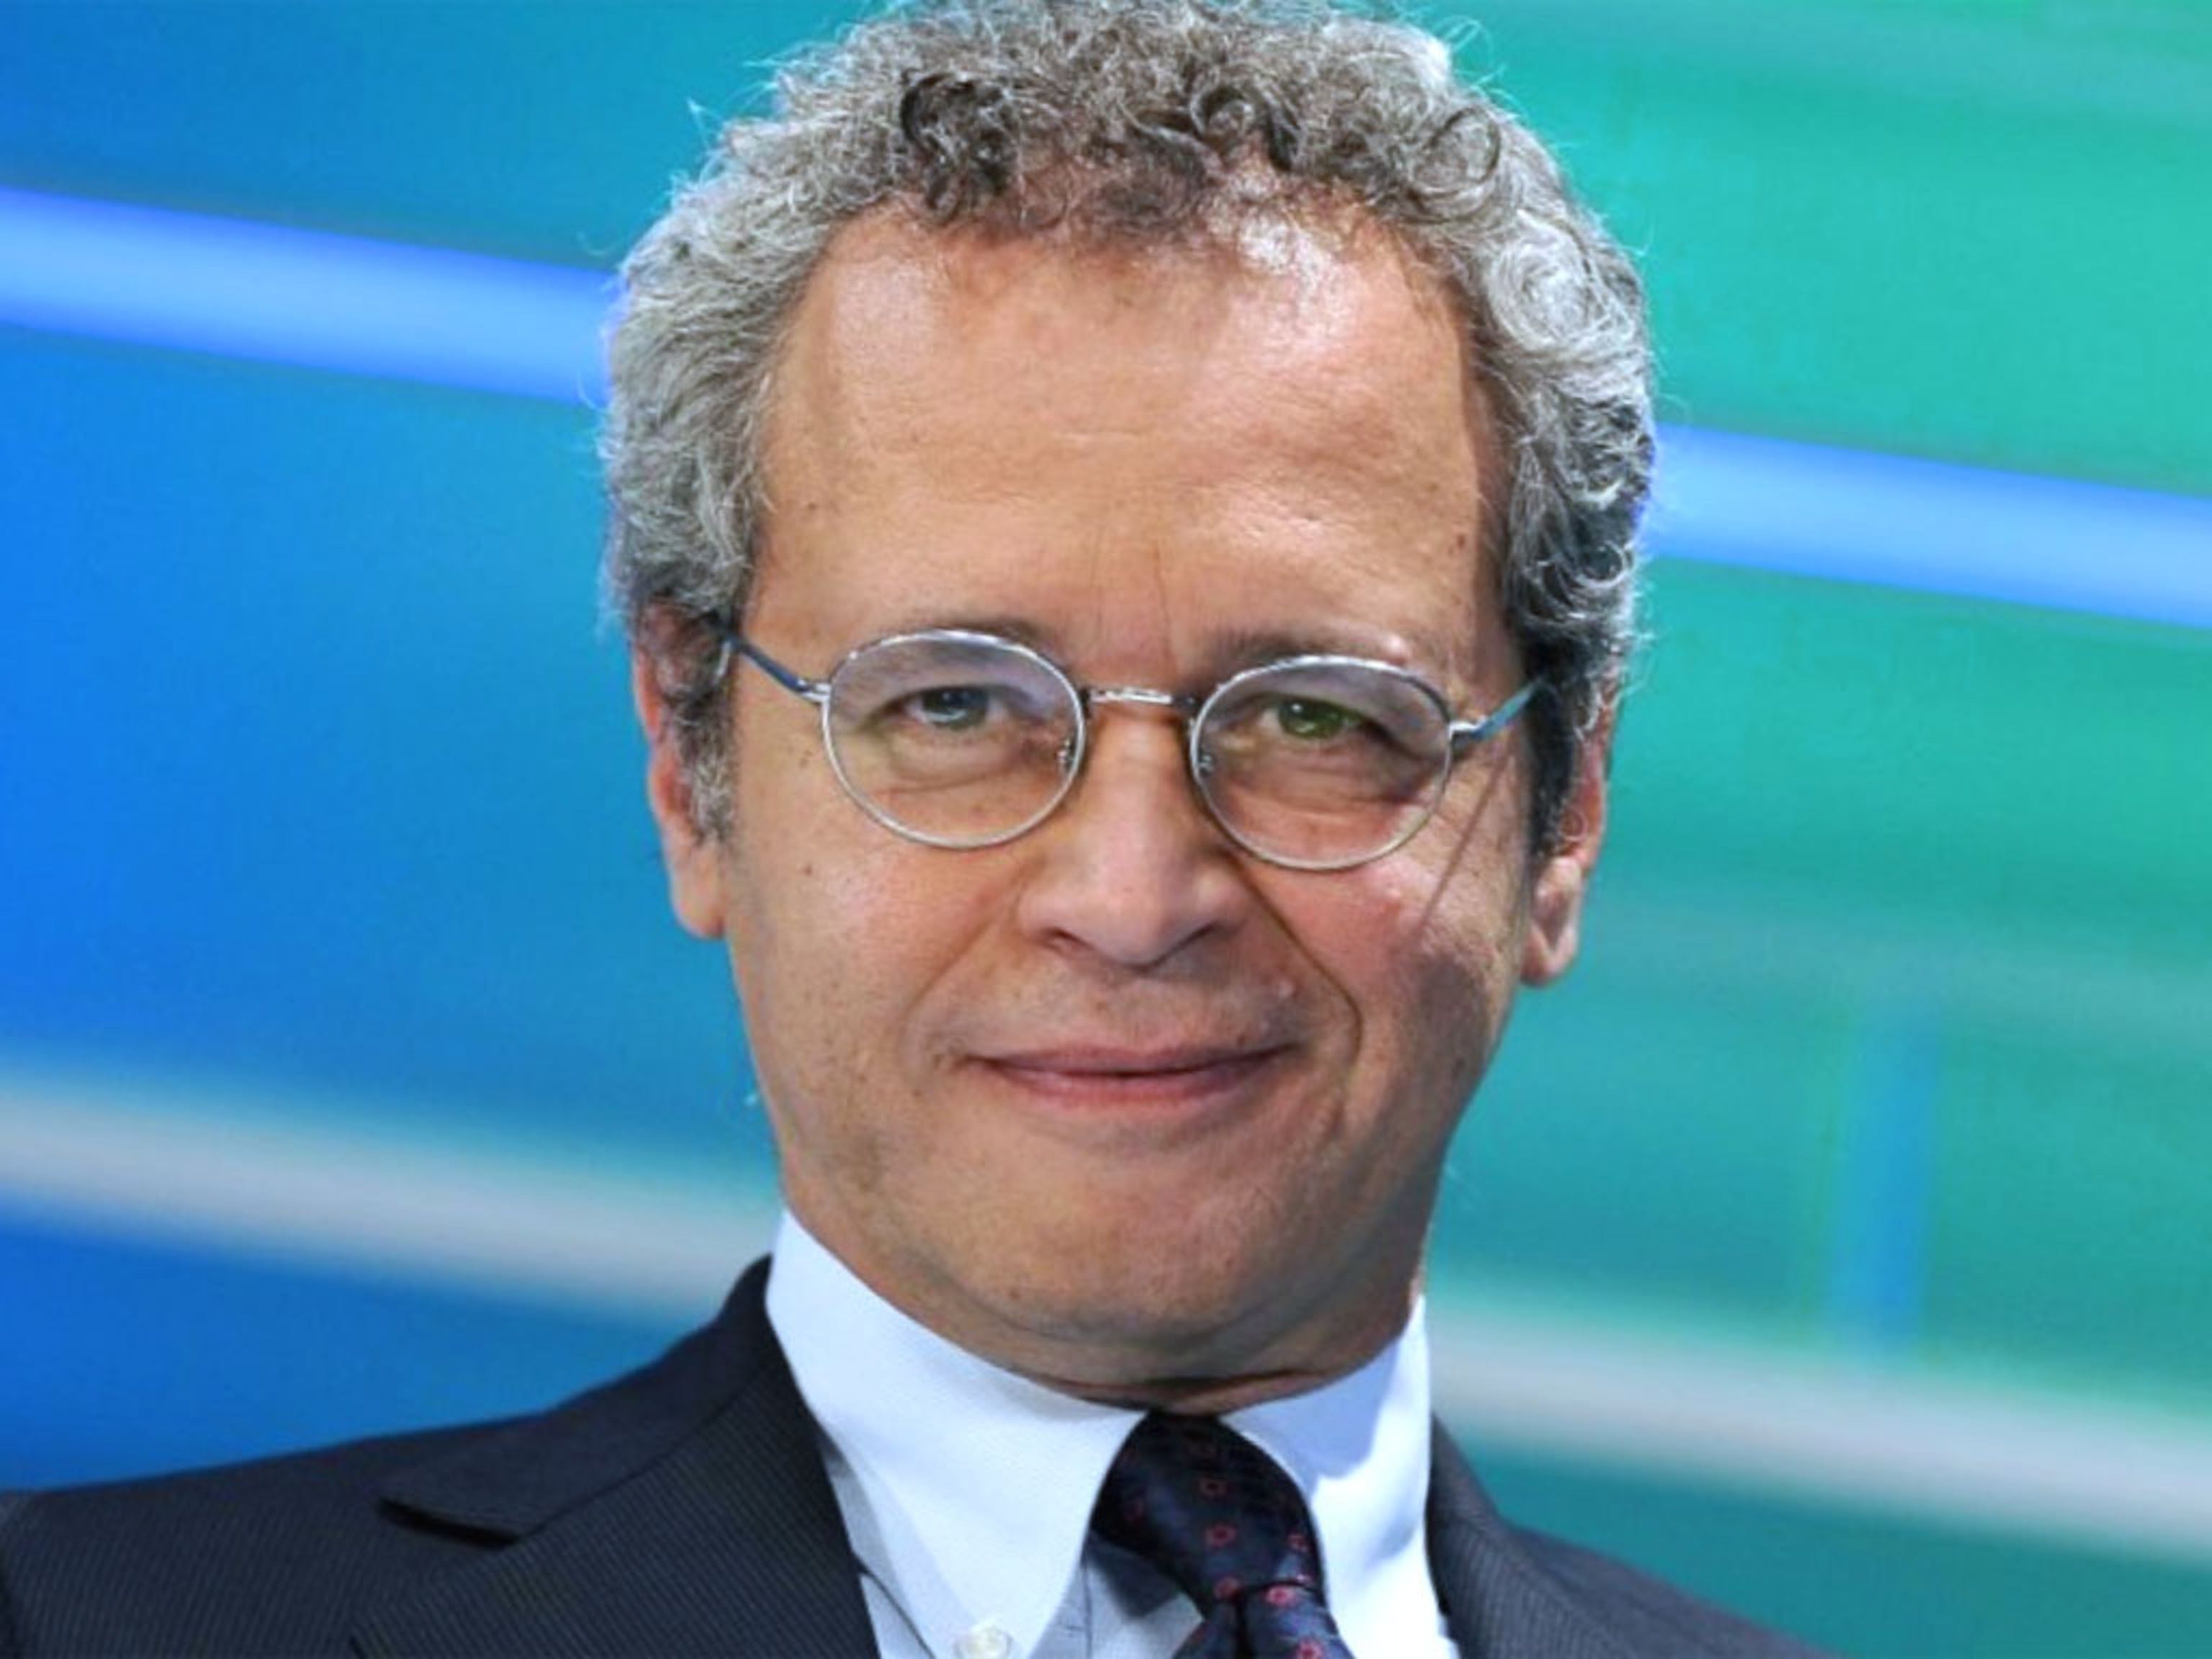 Enrico Mentana, vincitore del premio UNICEF